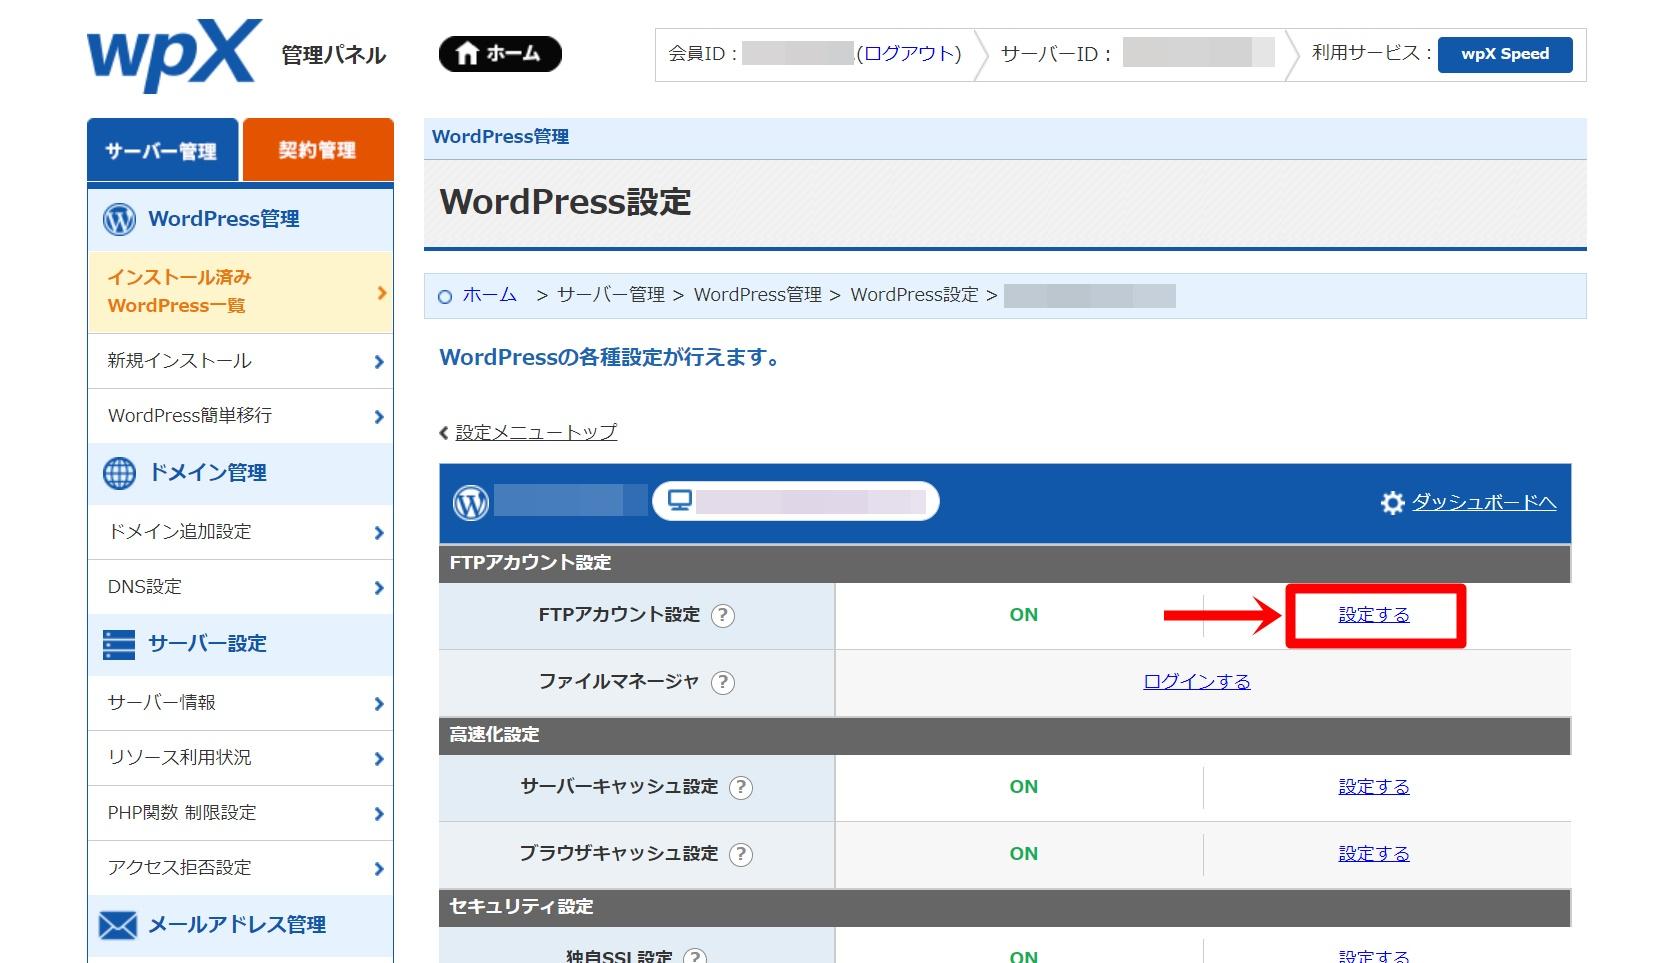 FileZillaアクセス時のパスワードをリセットする2